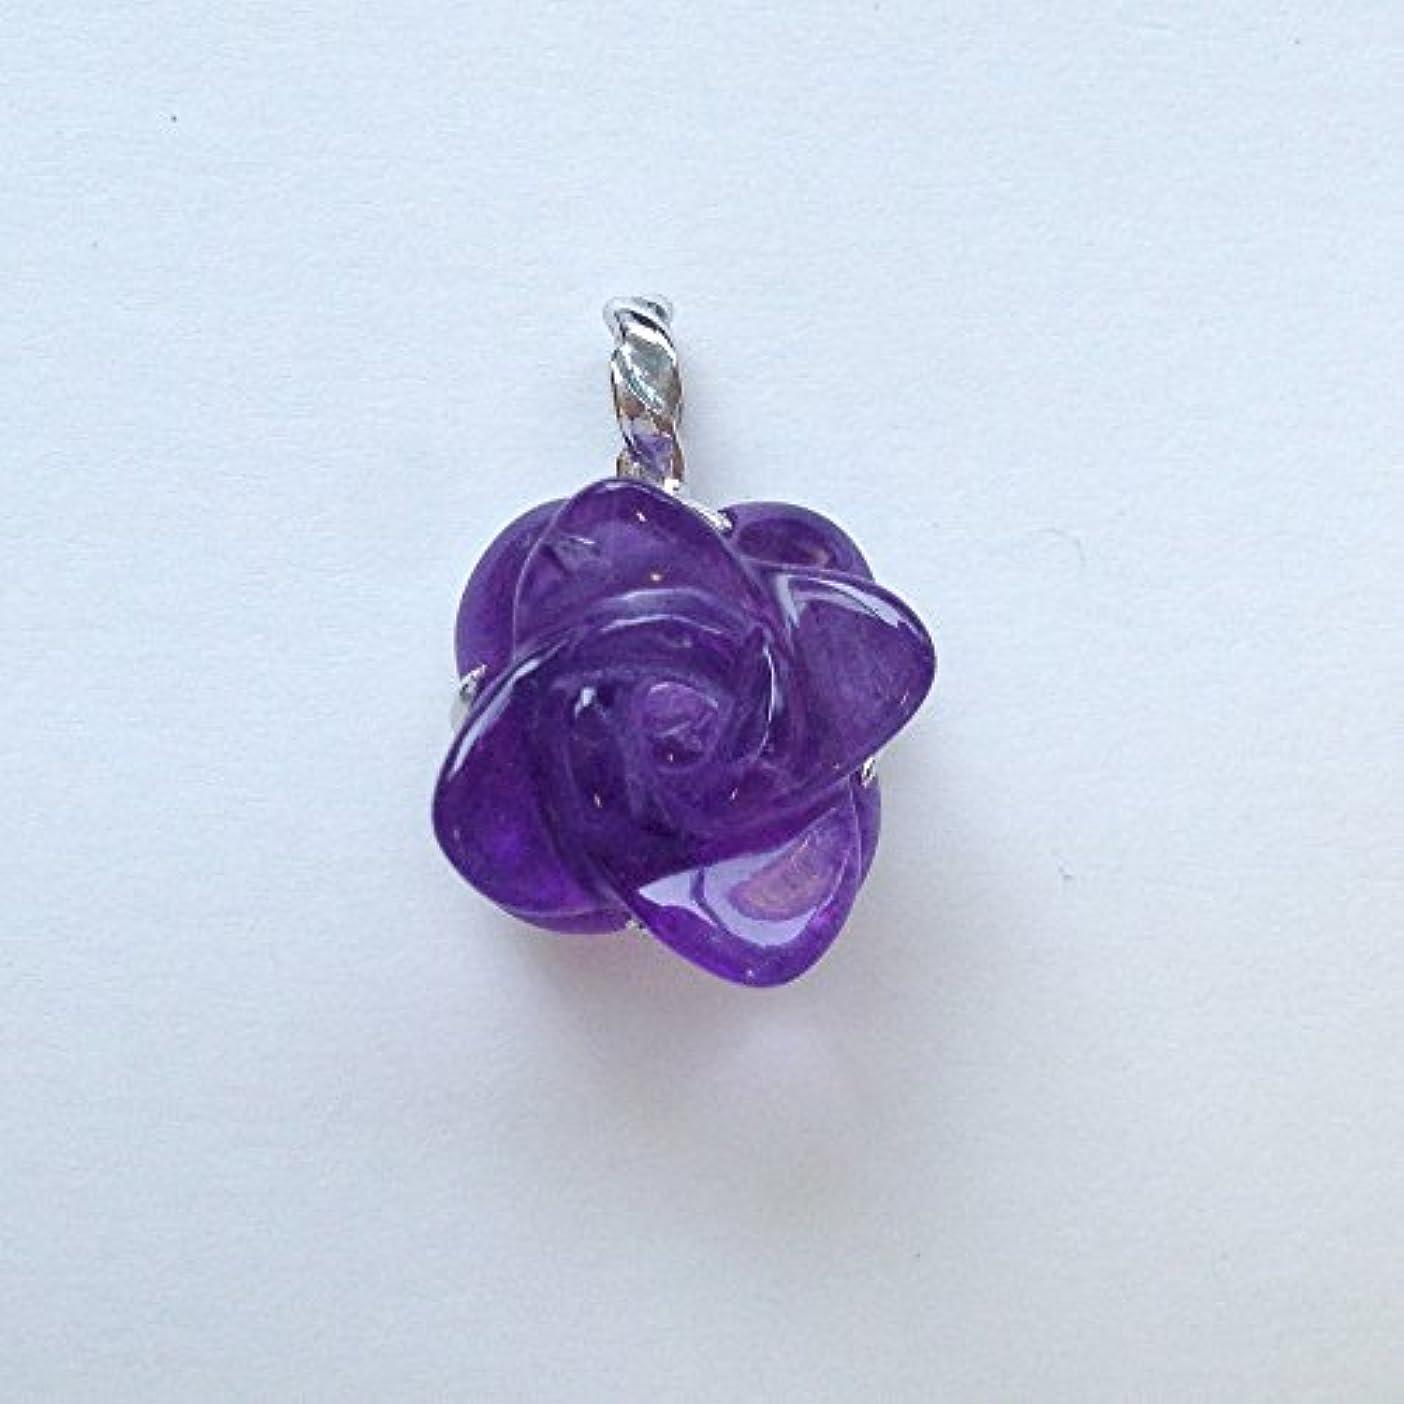 生産的関連付ける異常香る宝石SVアメシストペンダント通常¥26,800の所 (Ag925)